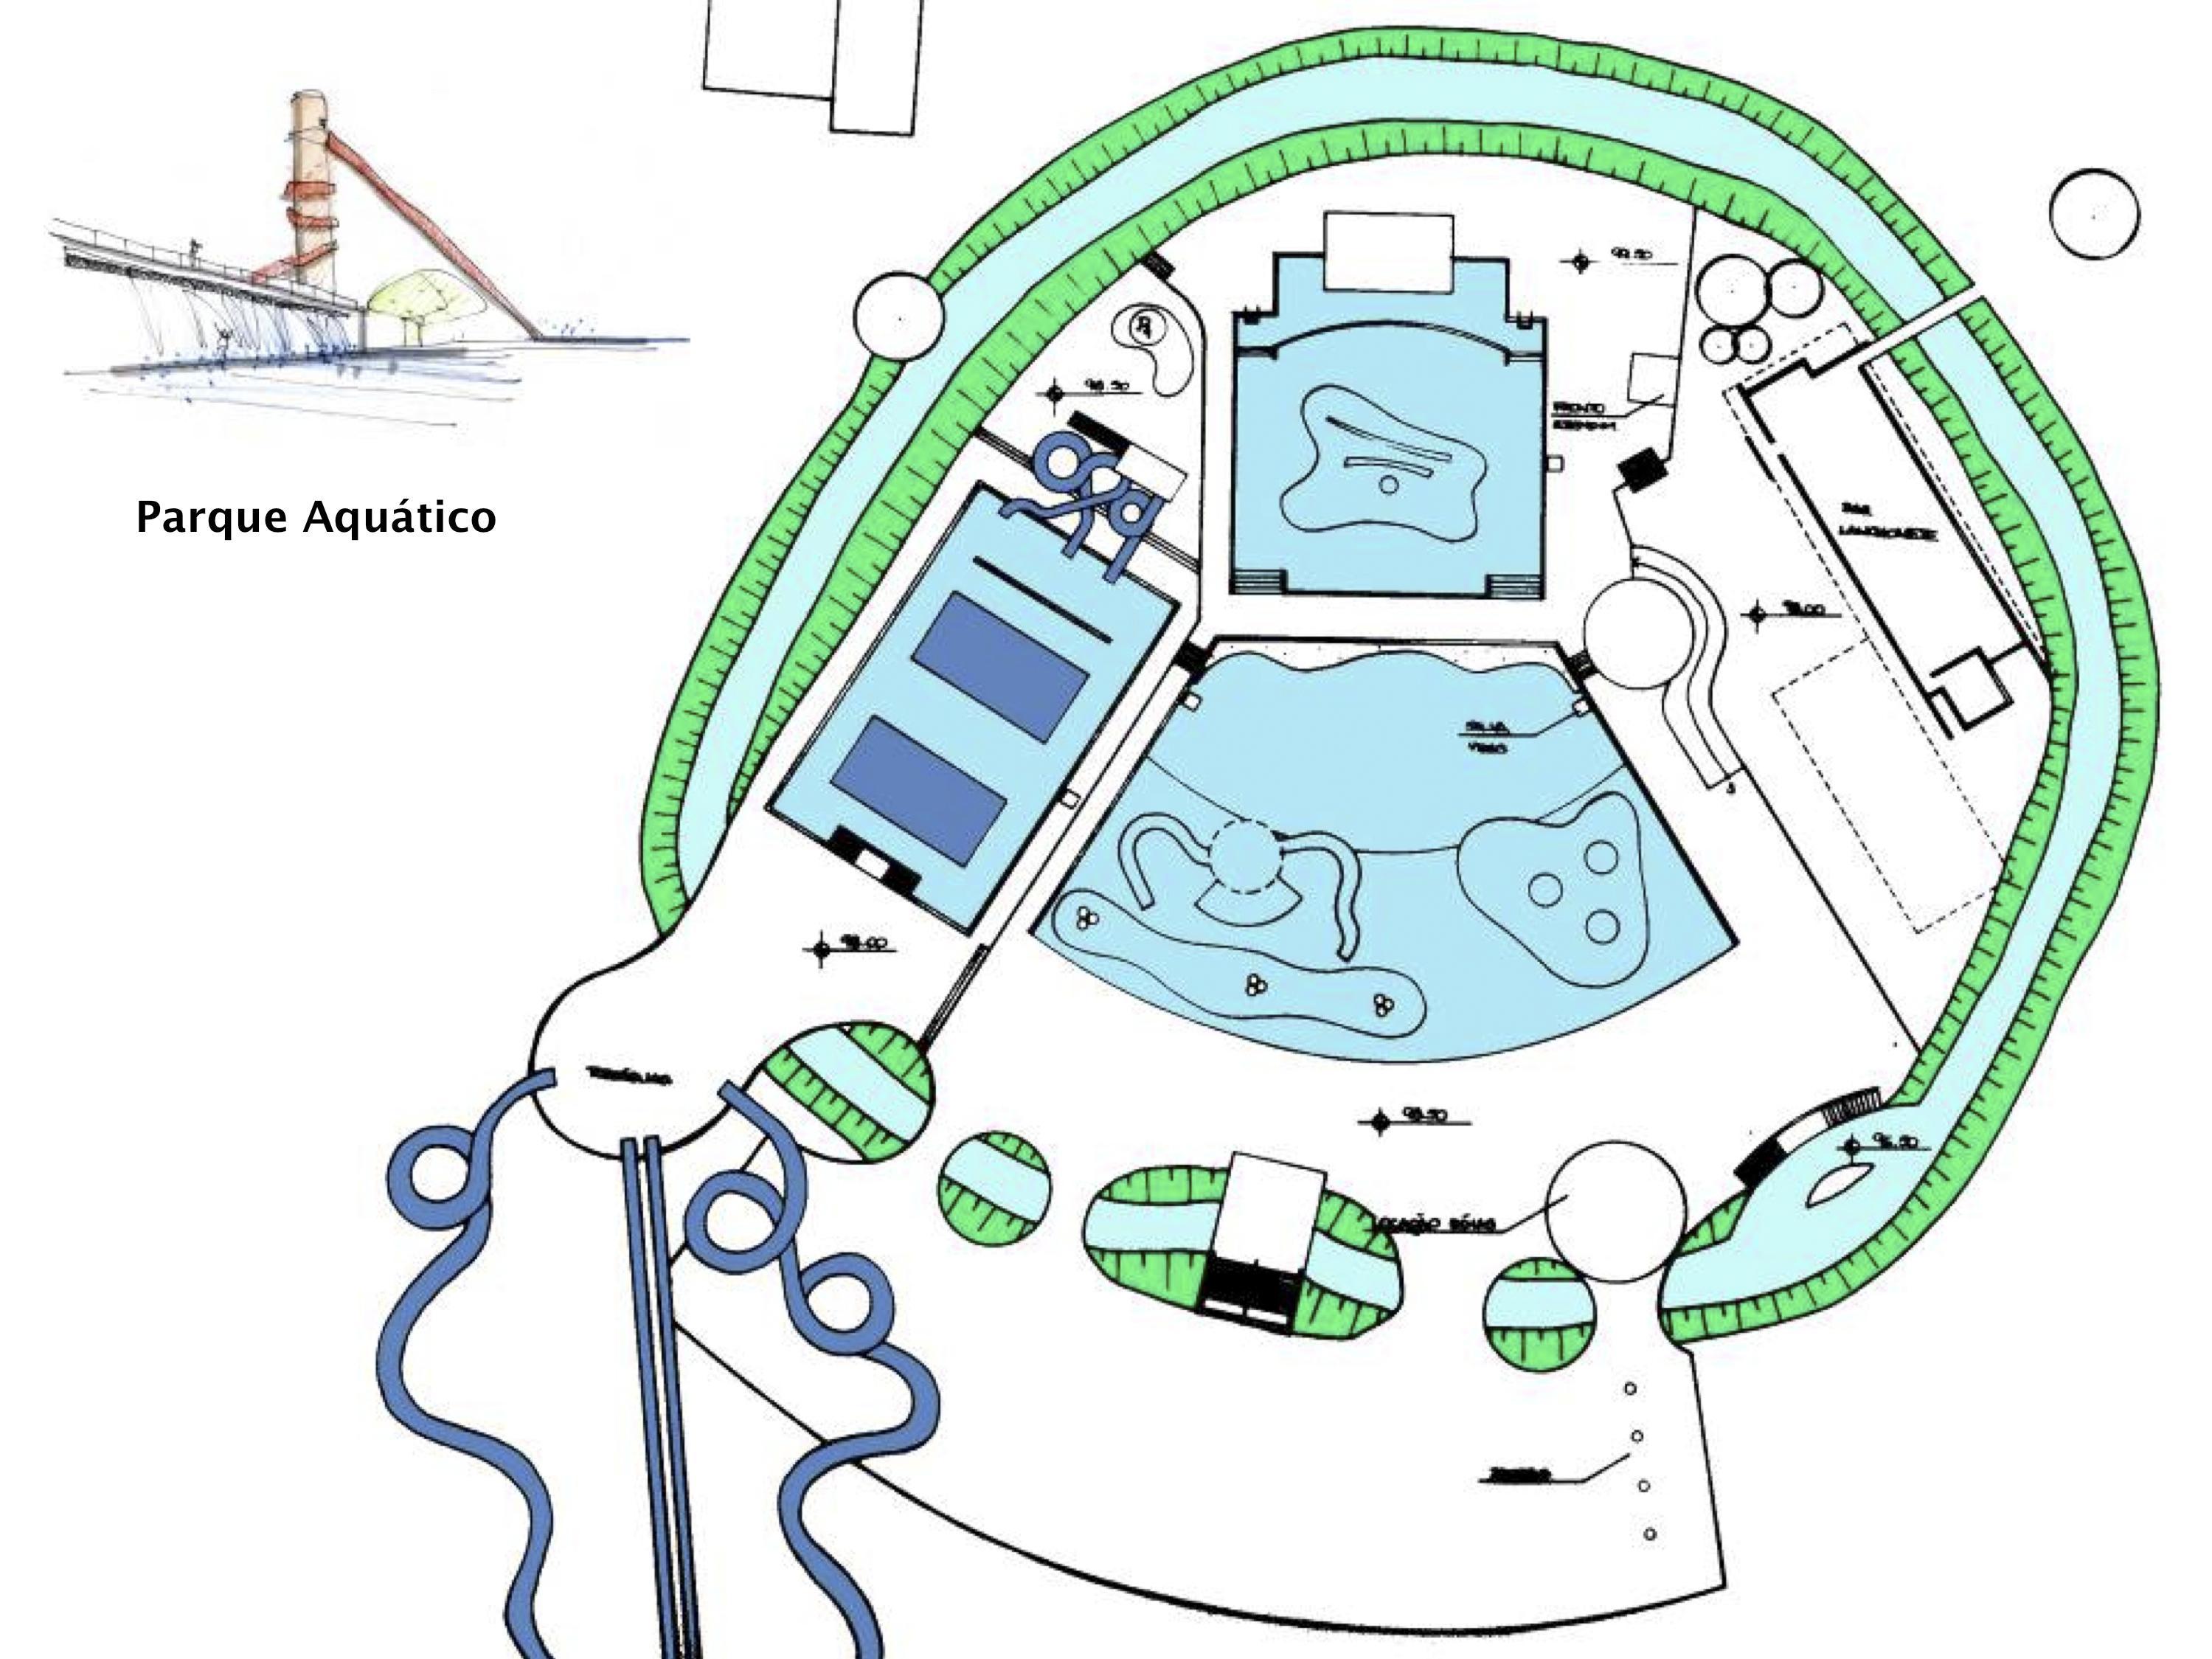 parque aquático. implantação